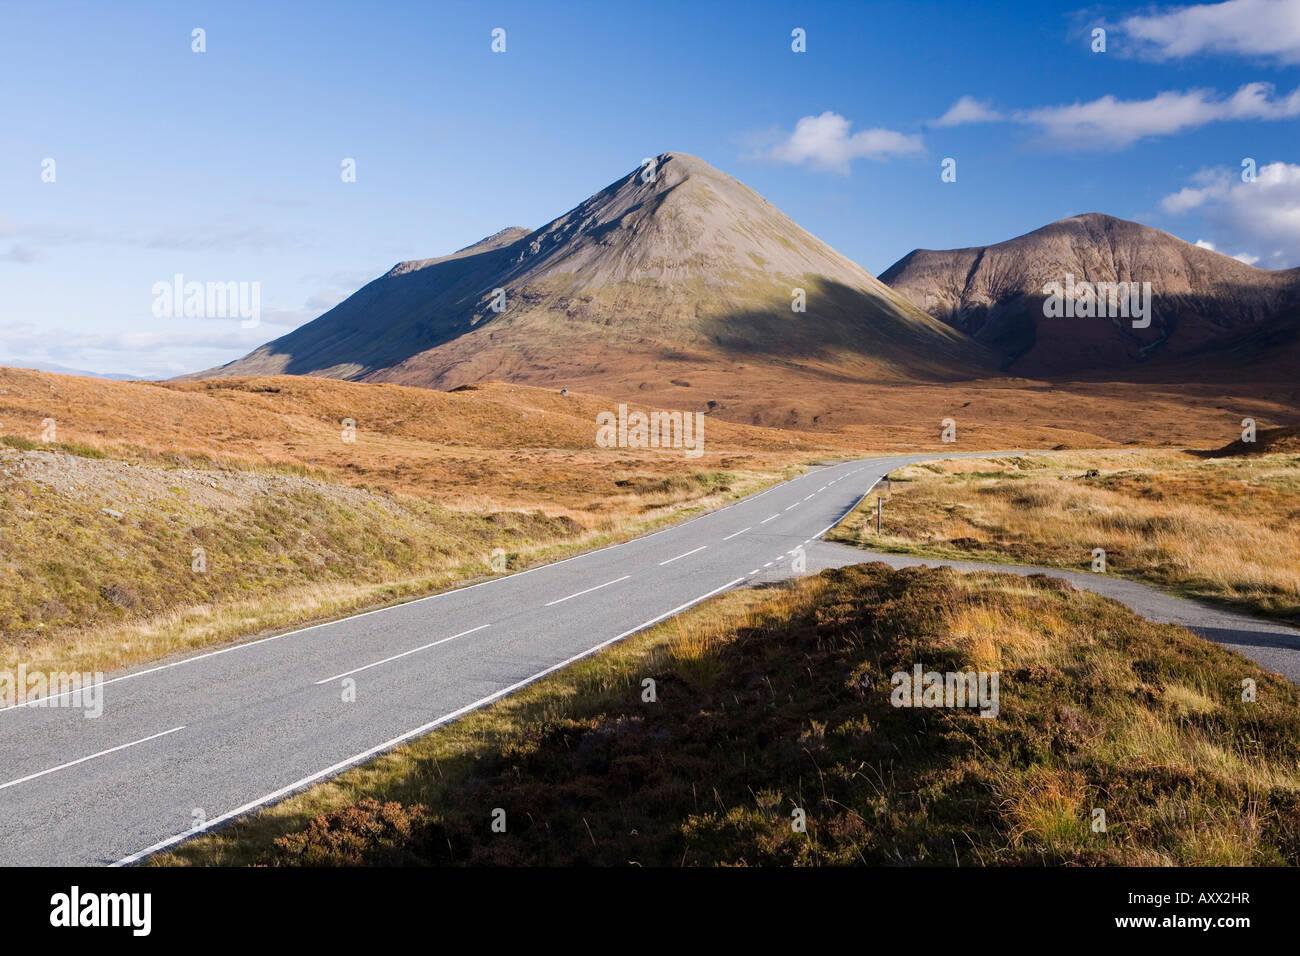 Cuillin Hills, Isle Of Skye, innere Hebriden, Westküste, Schottland, Vereinigtes Königreich, Europa Stockbild